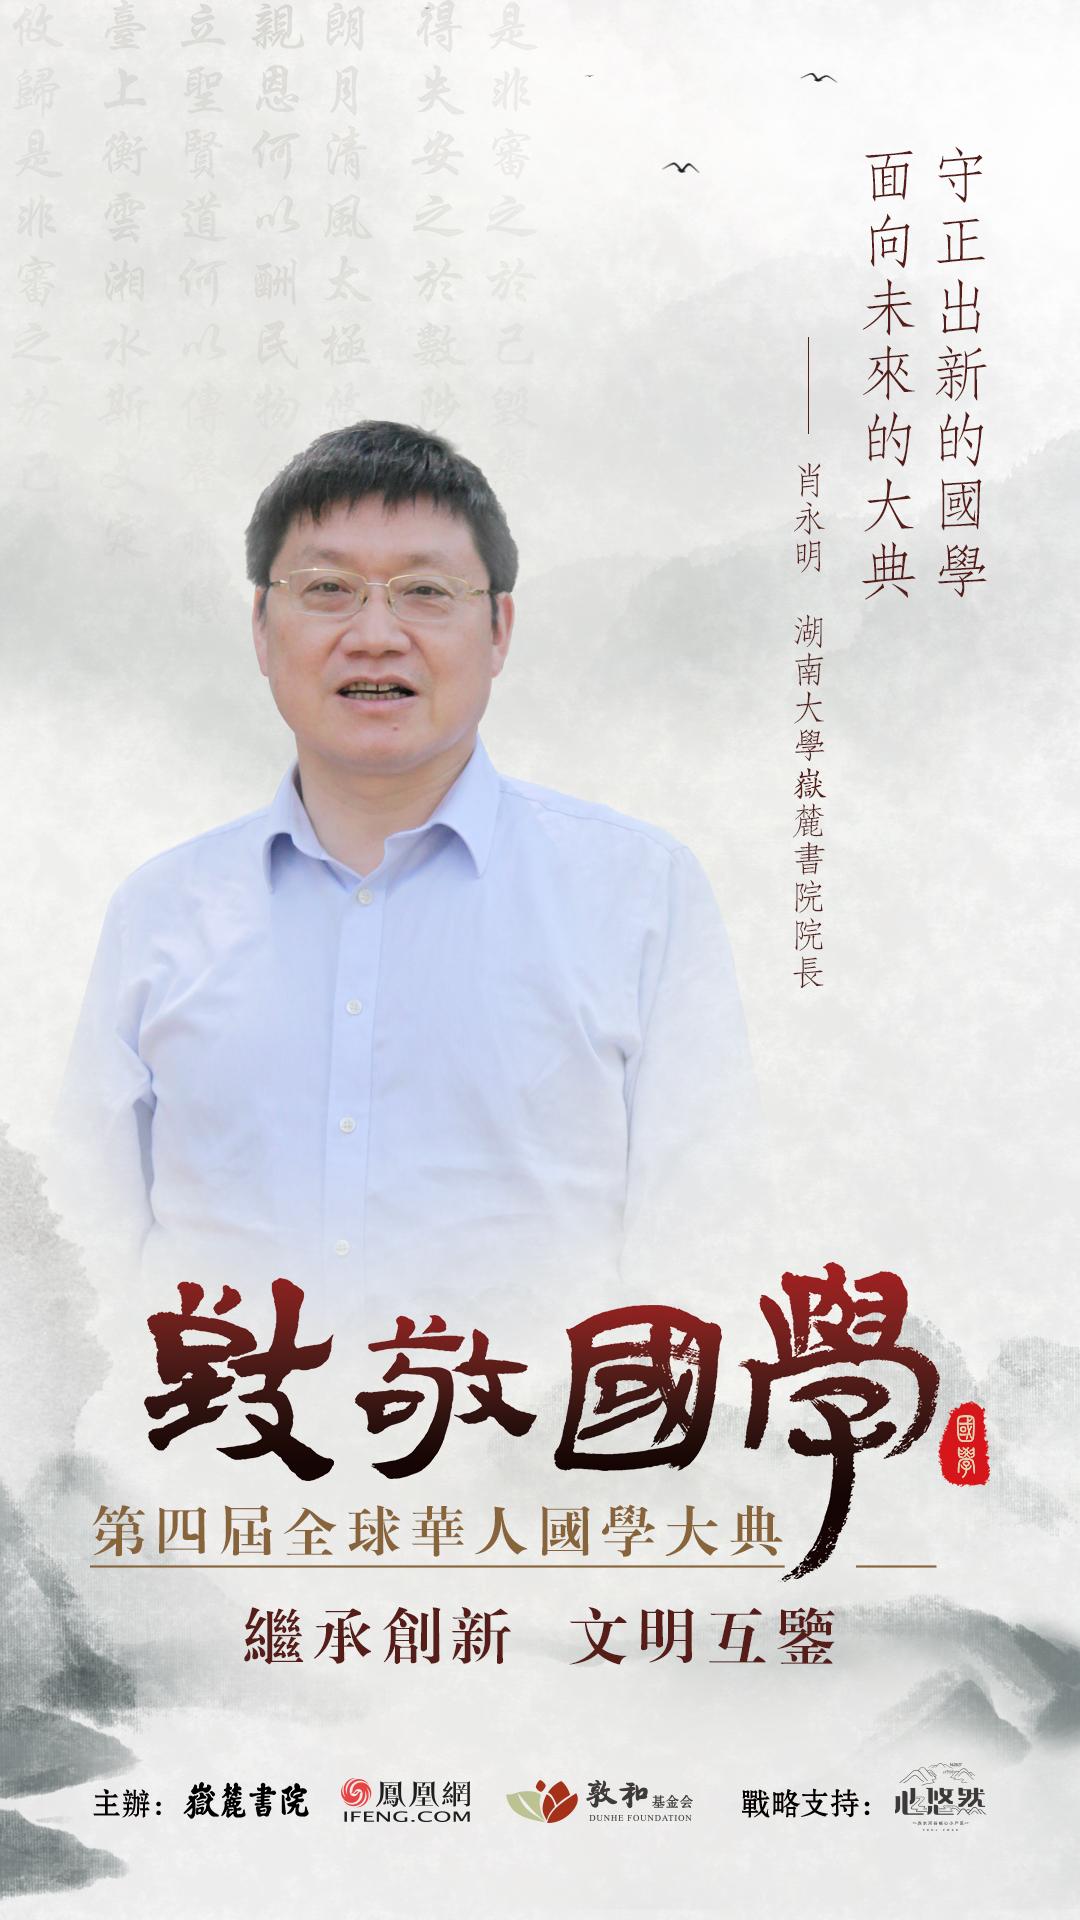 第四届全球华人国学大典启动 名家发声关切疫情危机